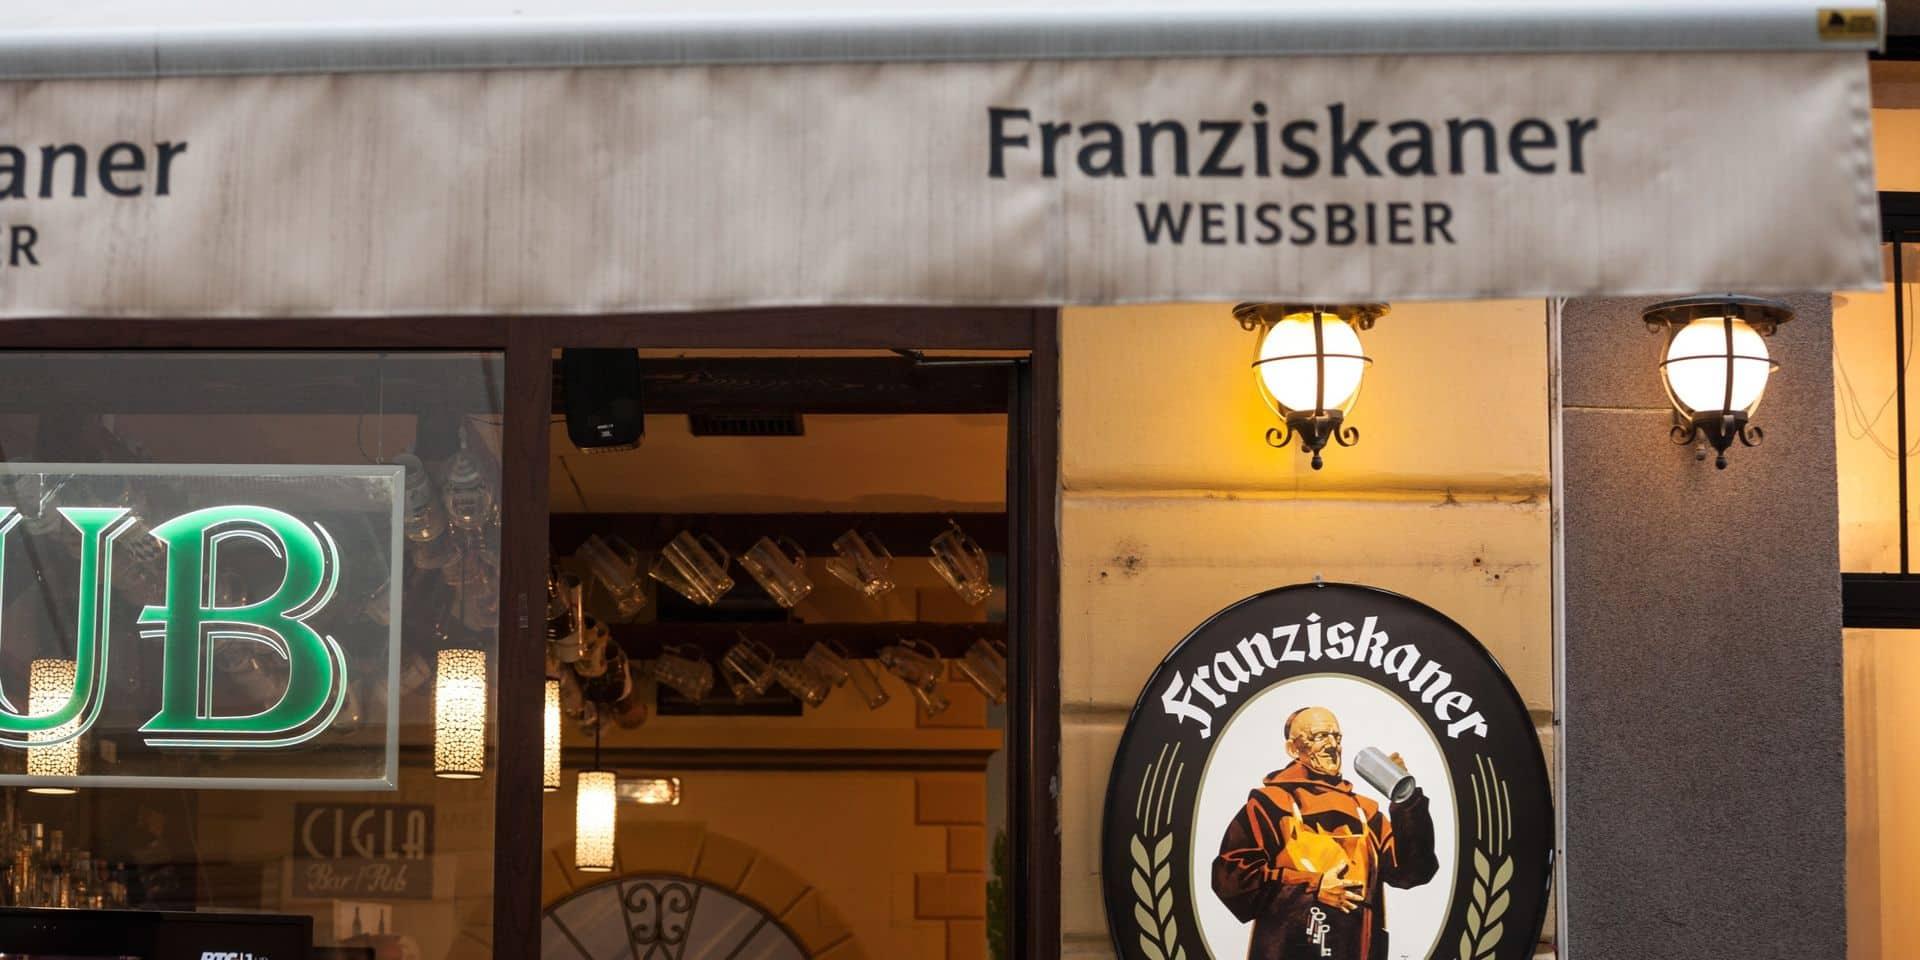 Plusieurs marques allemandes, comme la Franziskaner Weissbier, pourraient sortir du groupe AB InBev.